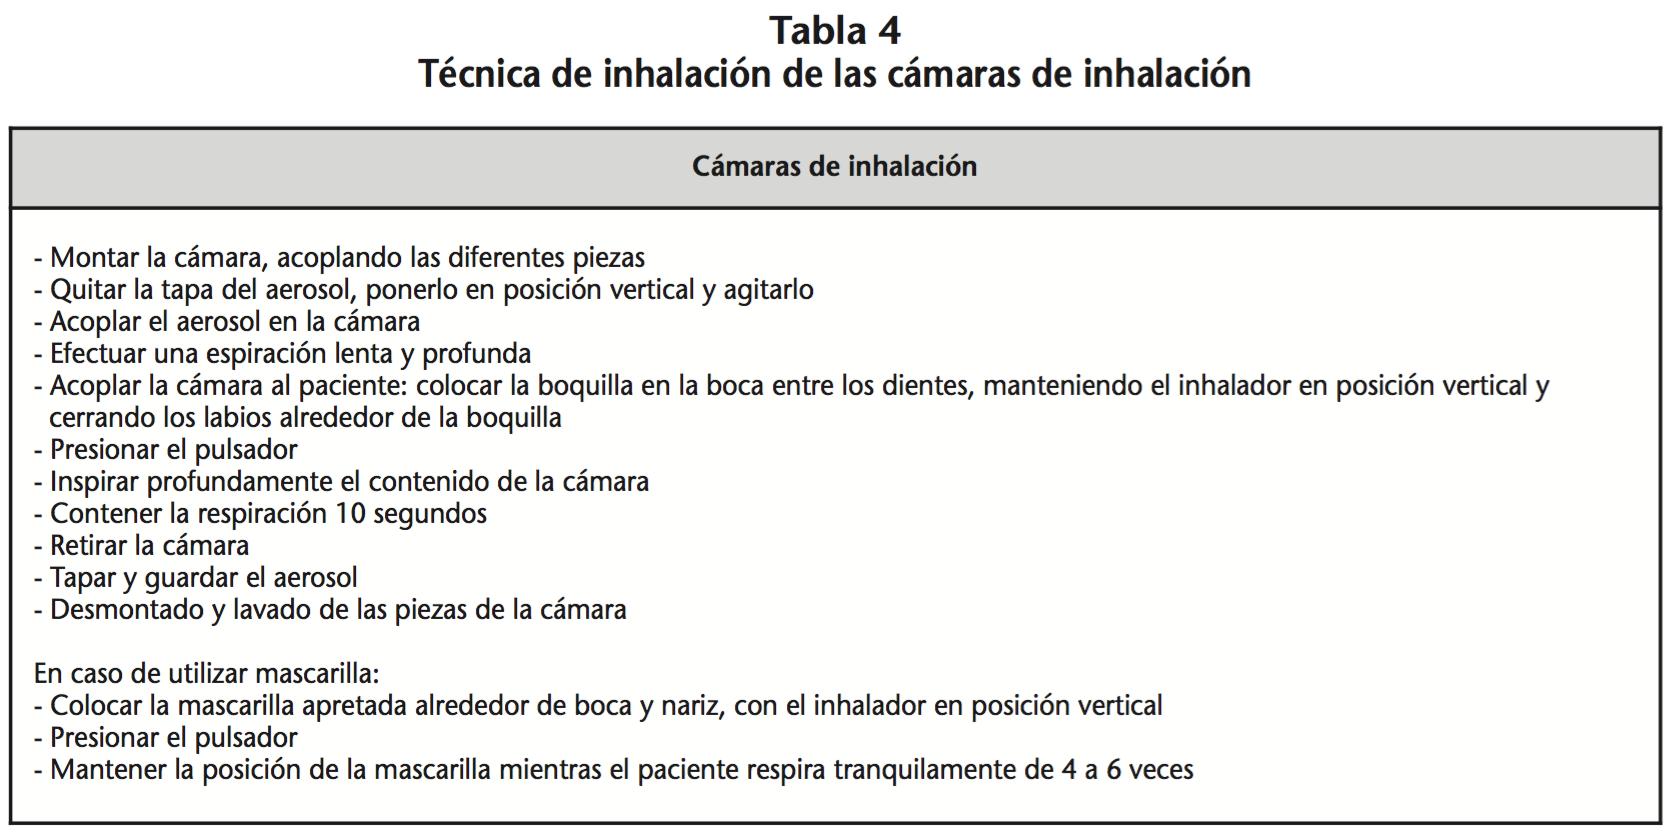 Dispositivos y guía de administración vía inhalatoria | Revista de ...